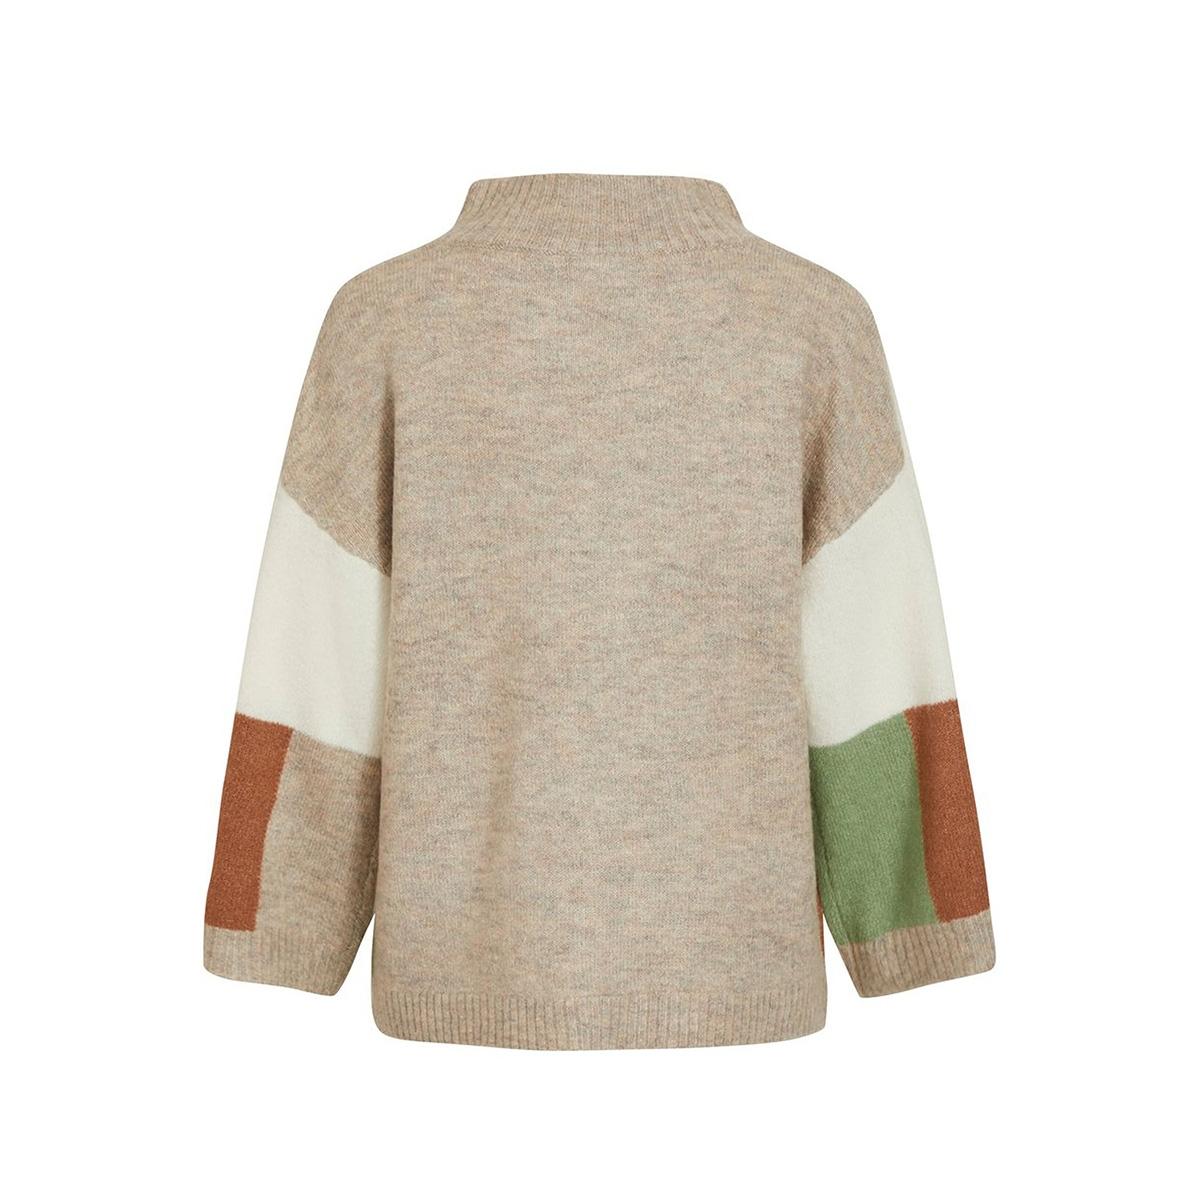 viblock knit 7/8 sleeve funnelneck 14055533 vila trui loden frost